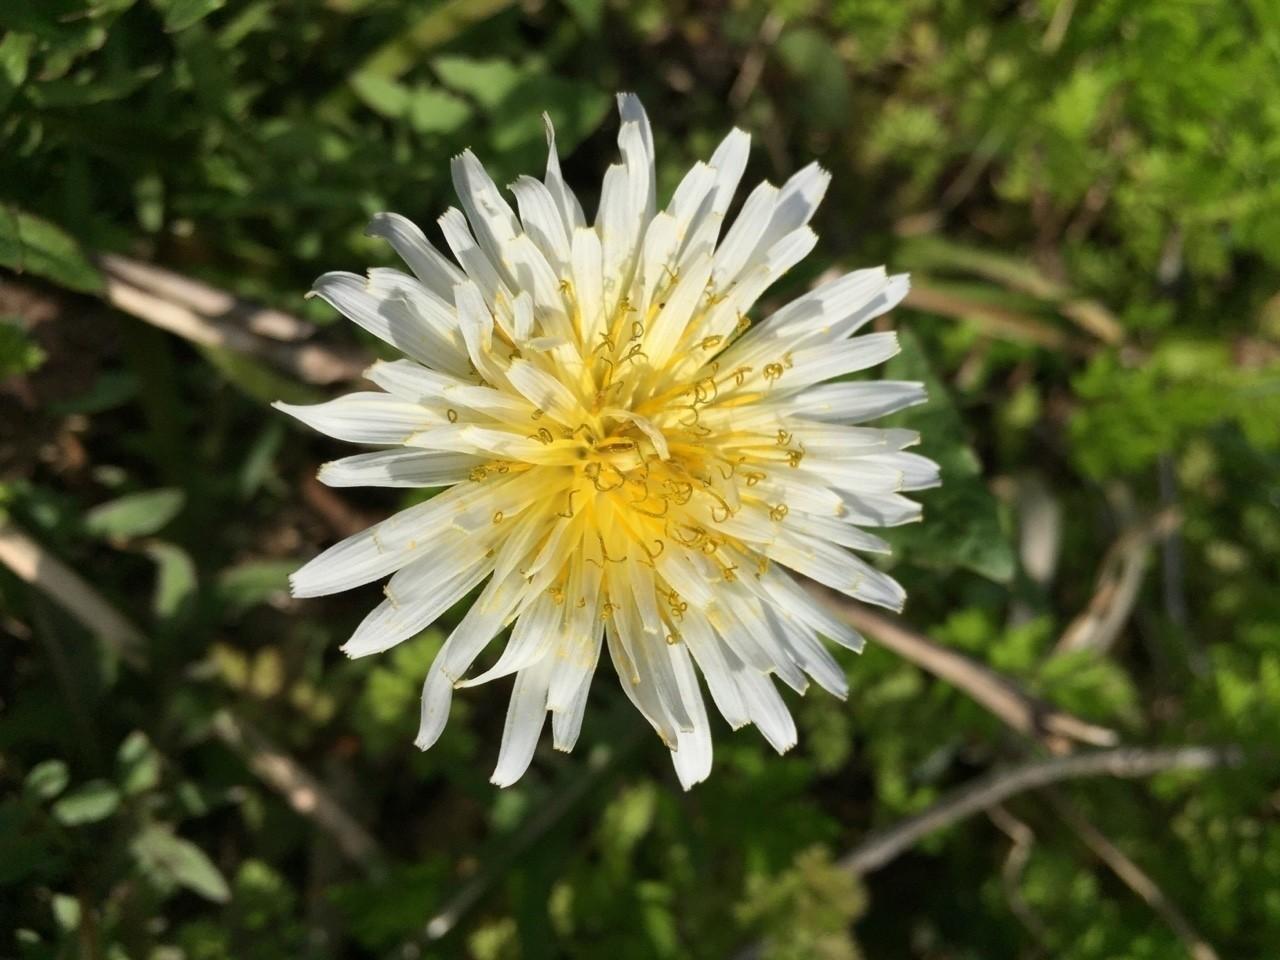 26日まで1日1回、少しづつ季節を進めて花写真載せます。  よろしくお願いします。  春、白花タンポポ  #花テロ2018 #白花蒲公英 #花写真